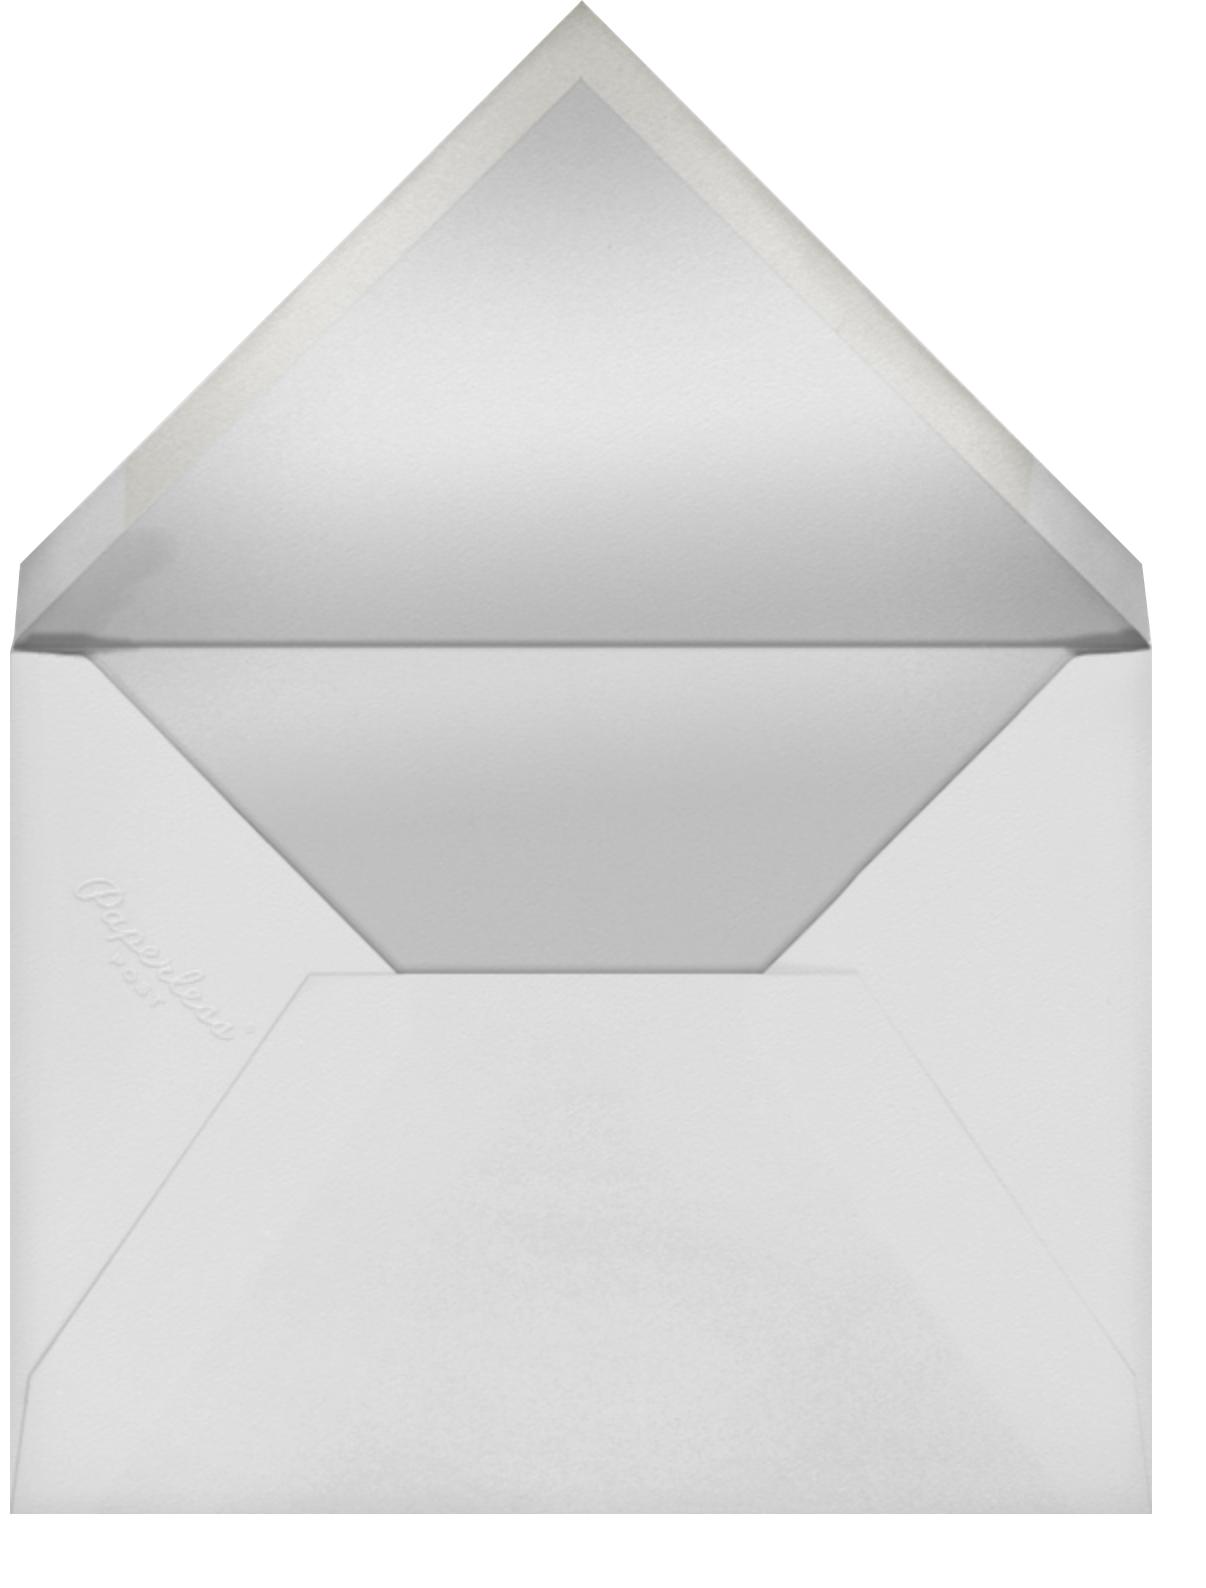 Mistletoe Accent Flourish (Menu) - Rifle Paper Co. - Rifle Paper Co.  - envelope back